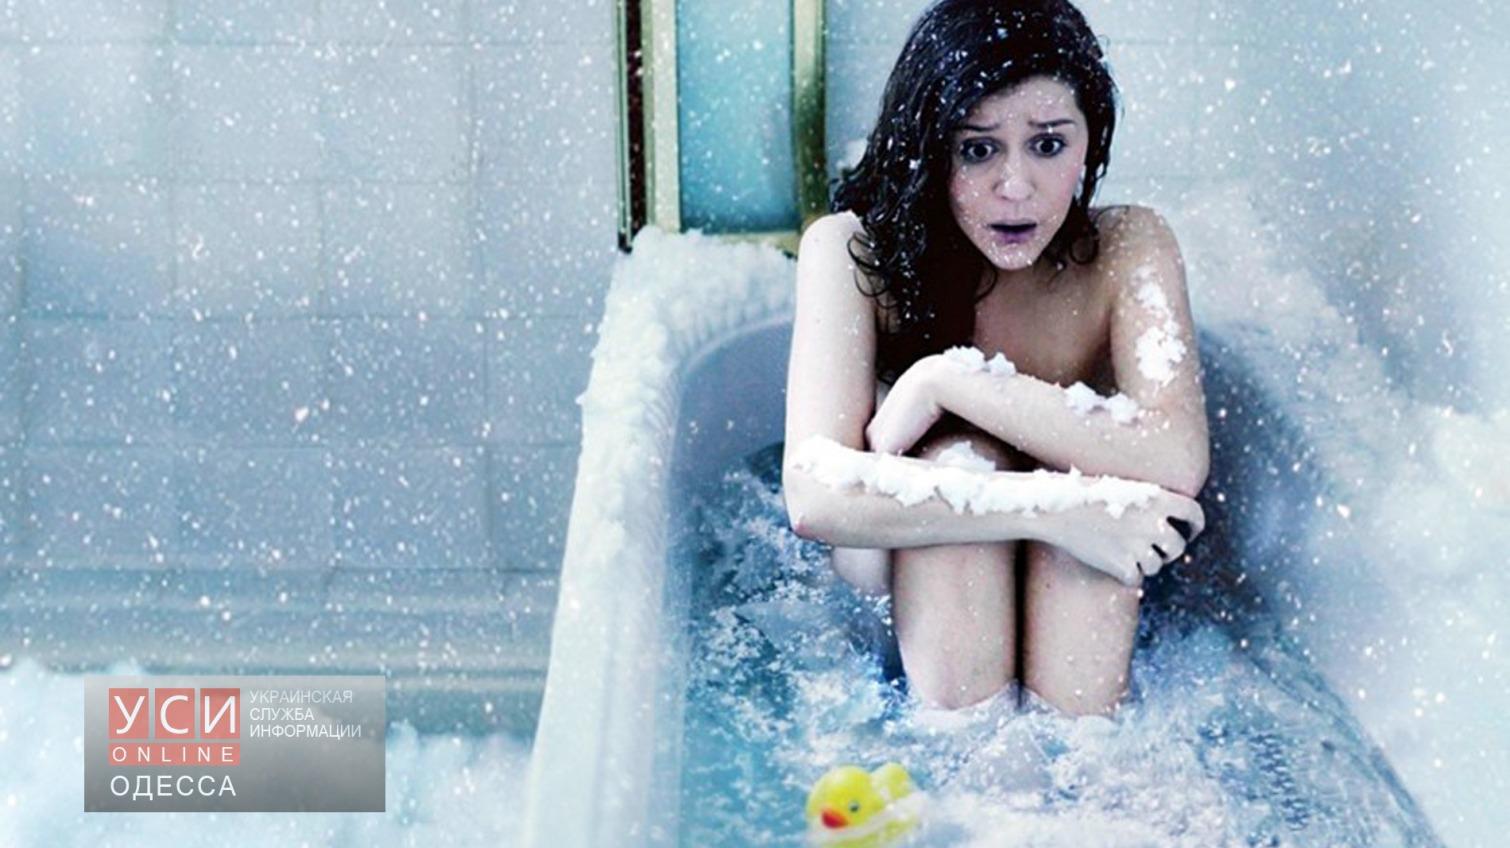 Чтобы одесситы смогли принять горячую ванну, должно похолодать «фото»